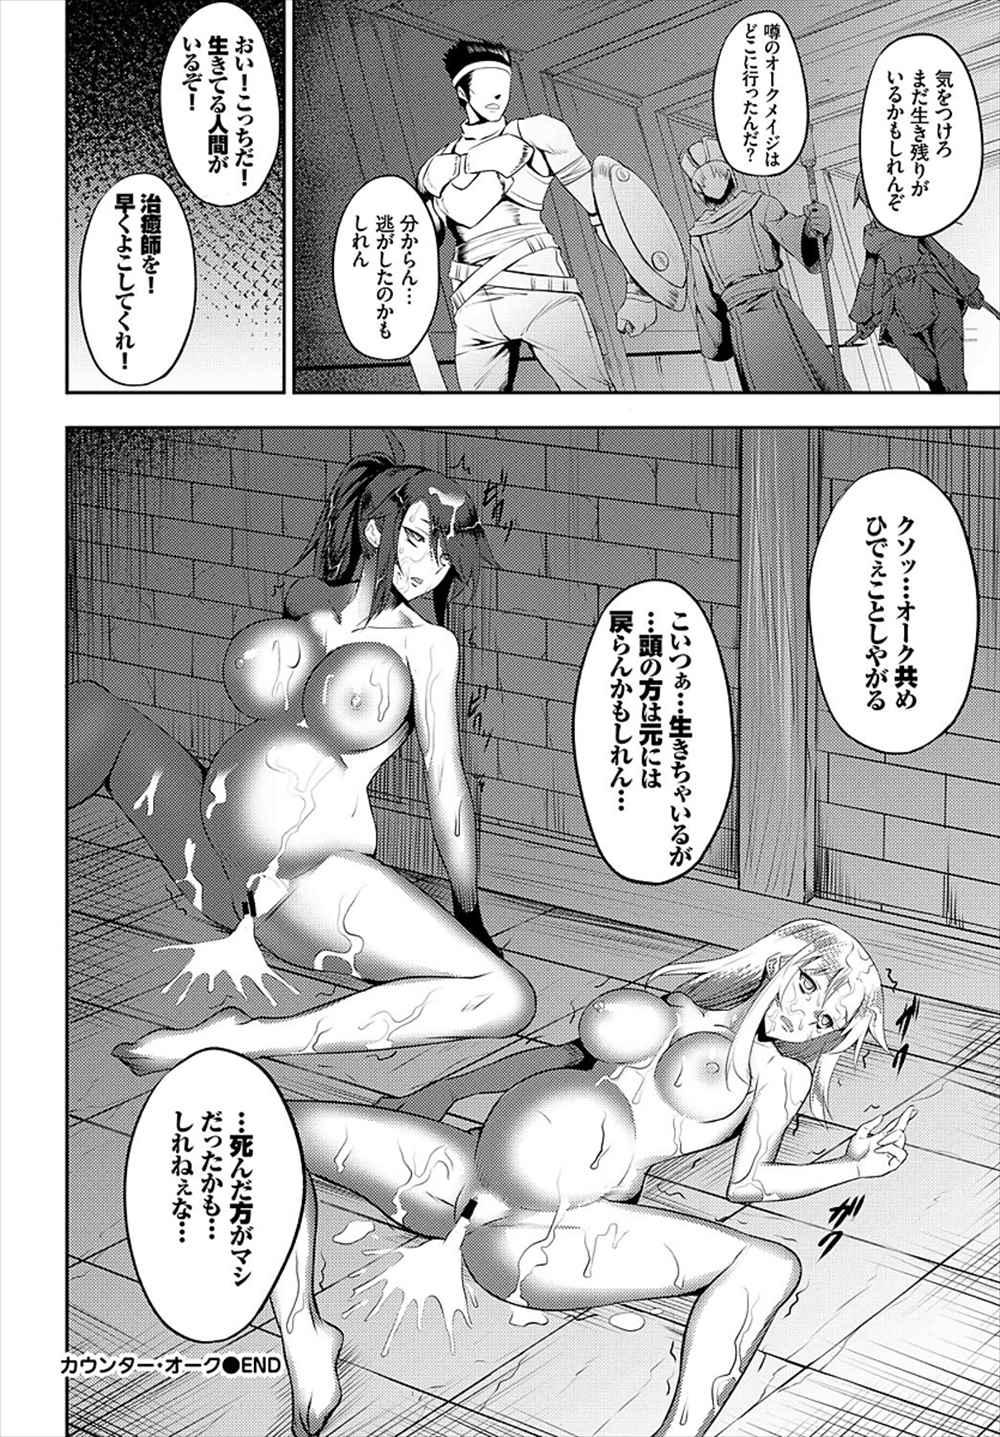 【エロ漫画】オークに拘束された女たち…媚薬漬け異種姦されてアヘ顔肉便器にww【ジョニー:カウンター・オーク】